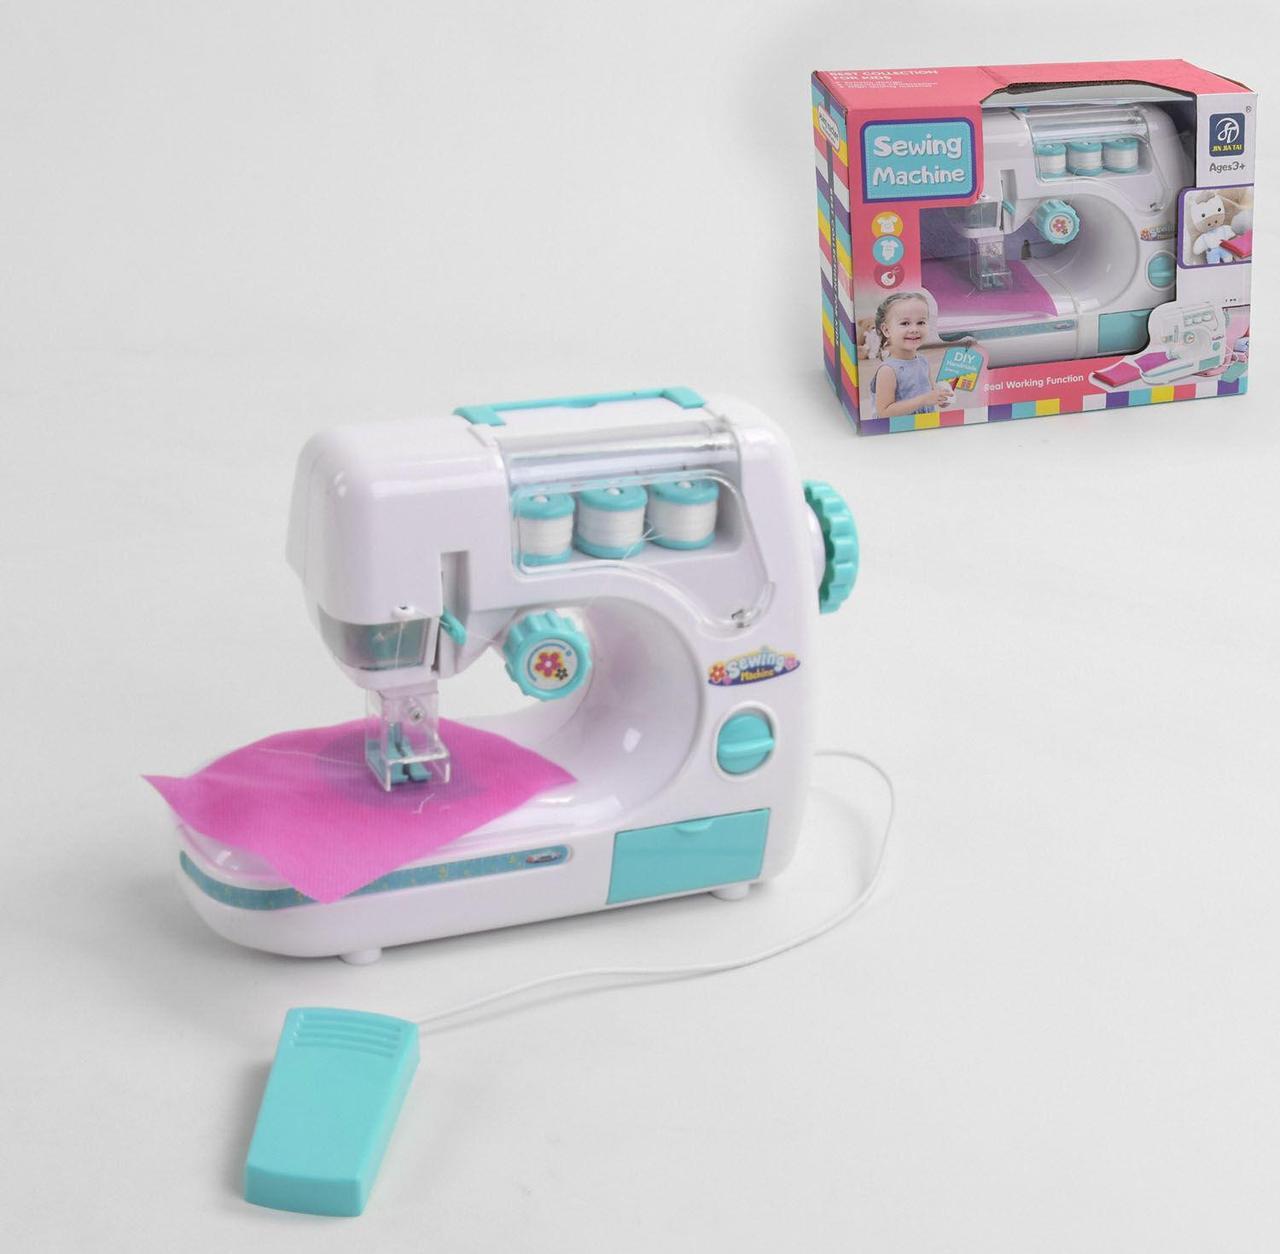 Игрушечная швейная машина 7920 с автоматической педалью и световыми эффектами, нитки в комплекте